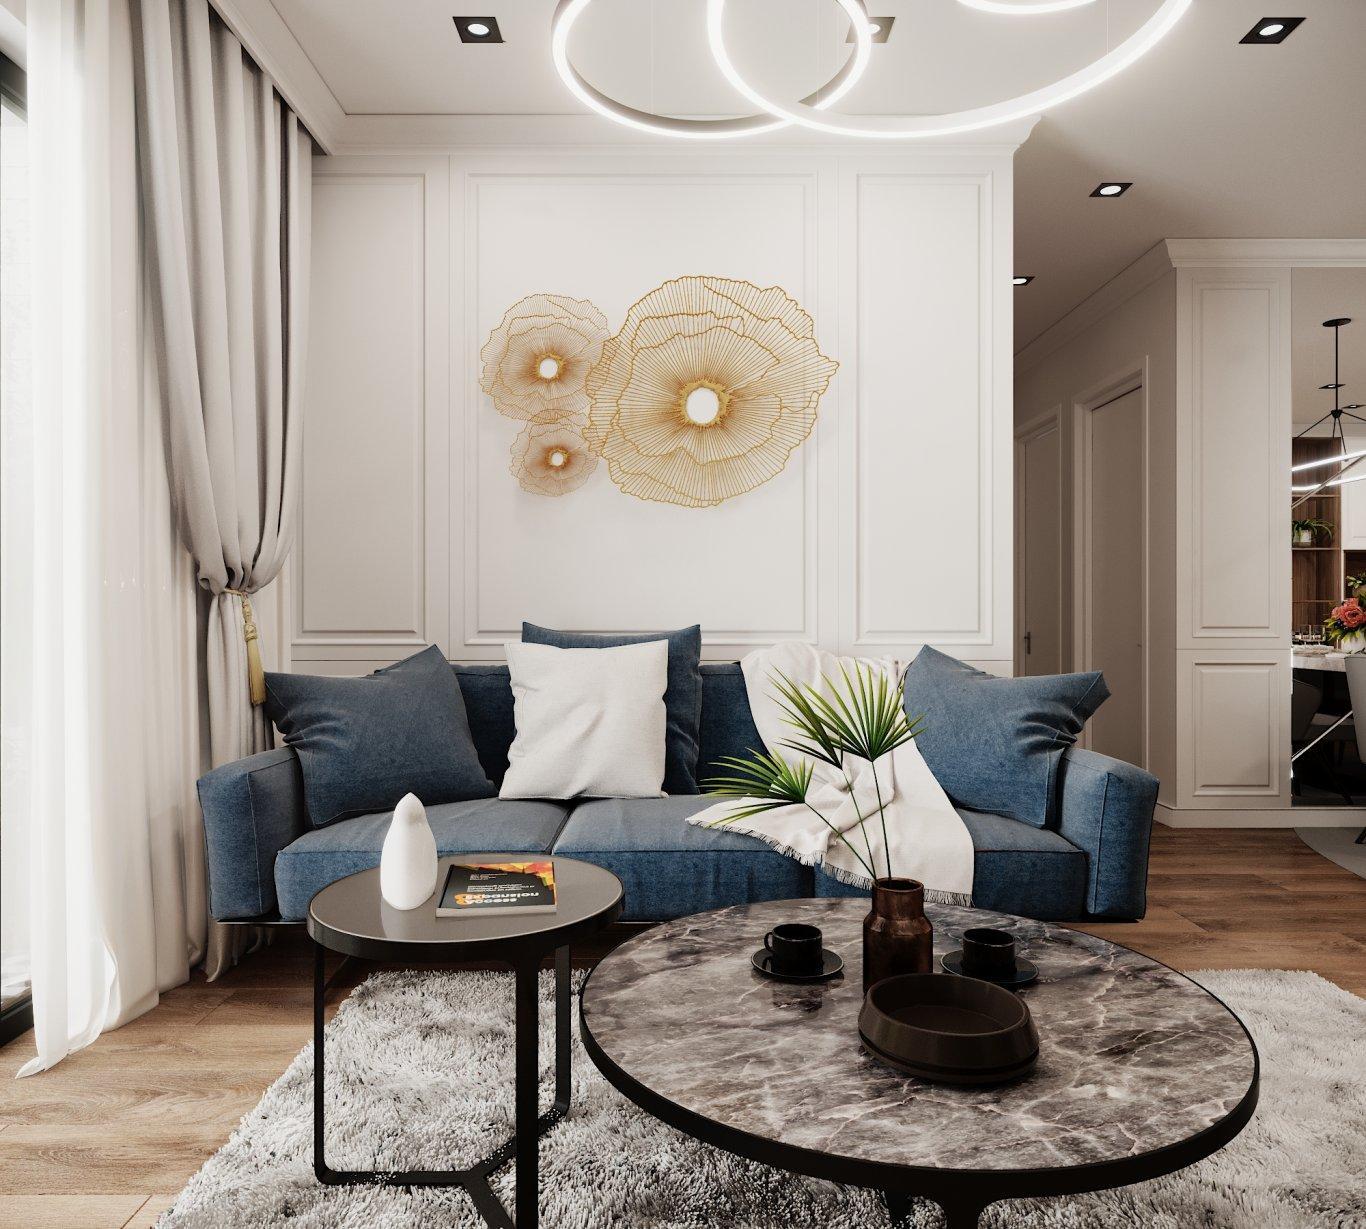 Thiết kế thi công nội thất đẹp cho căn hộ chung cư 86m2 -01